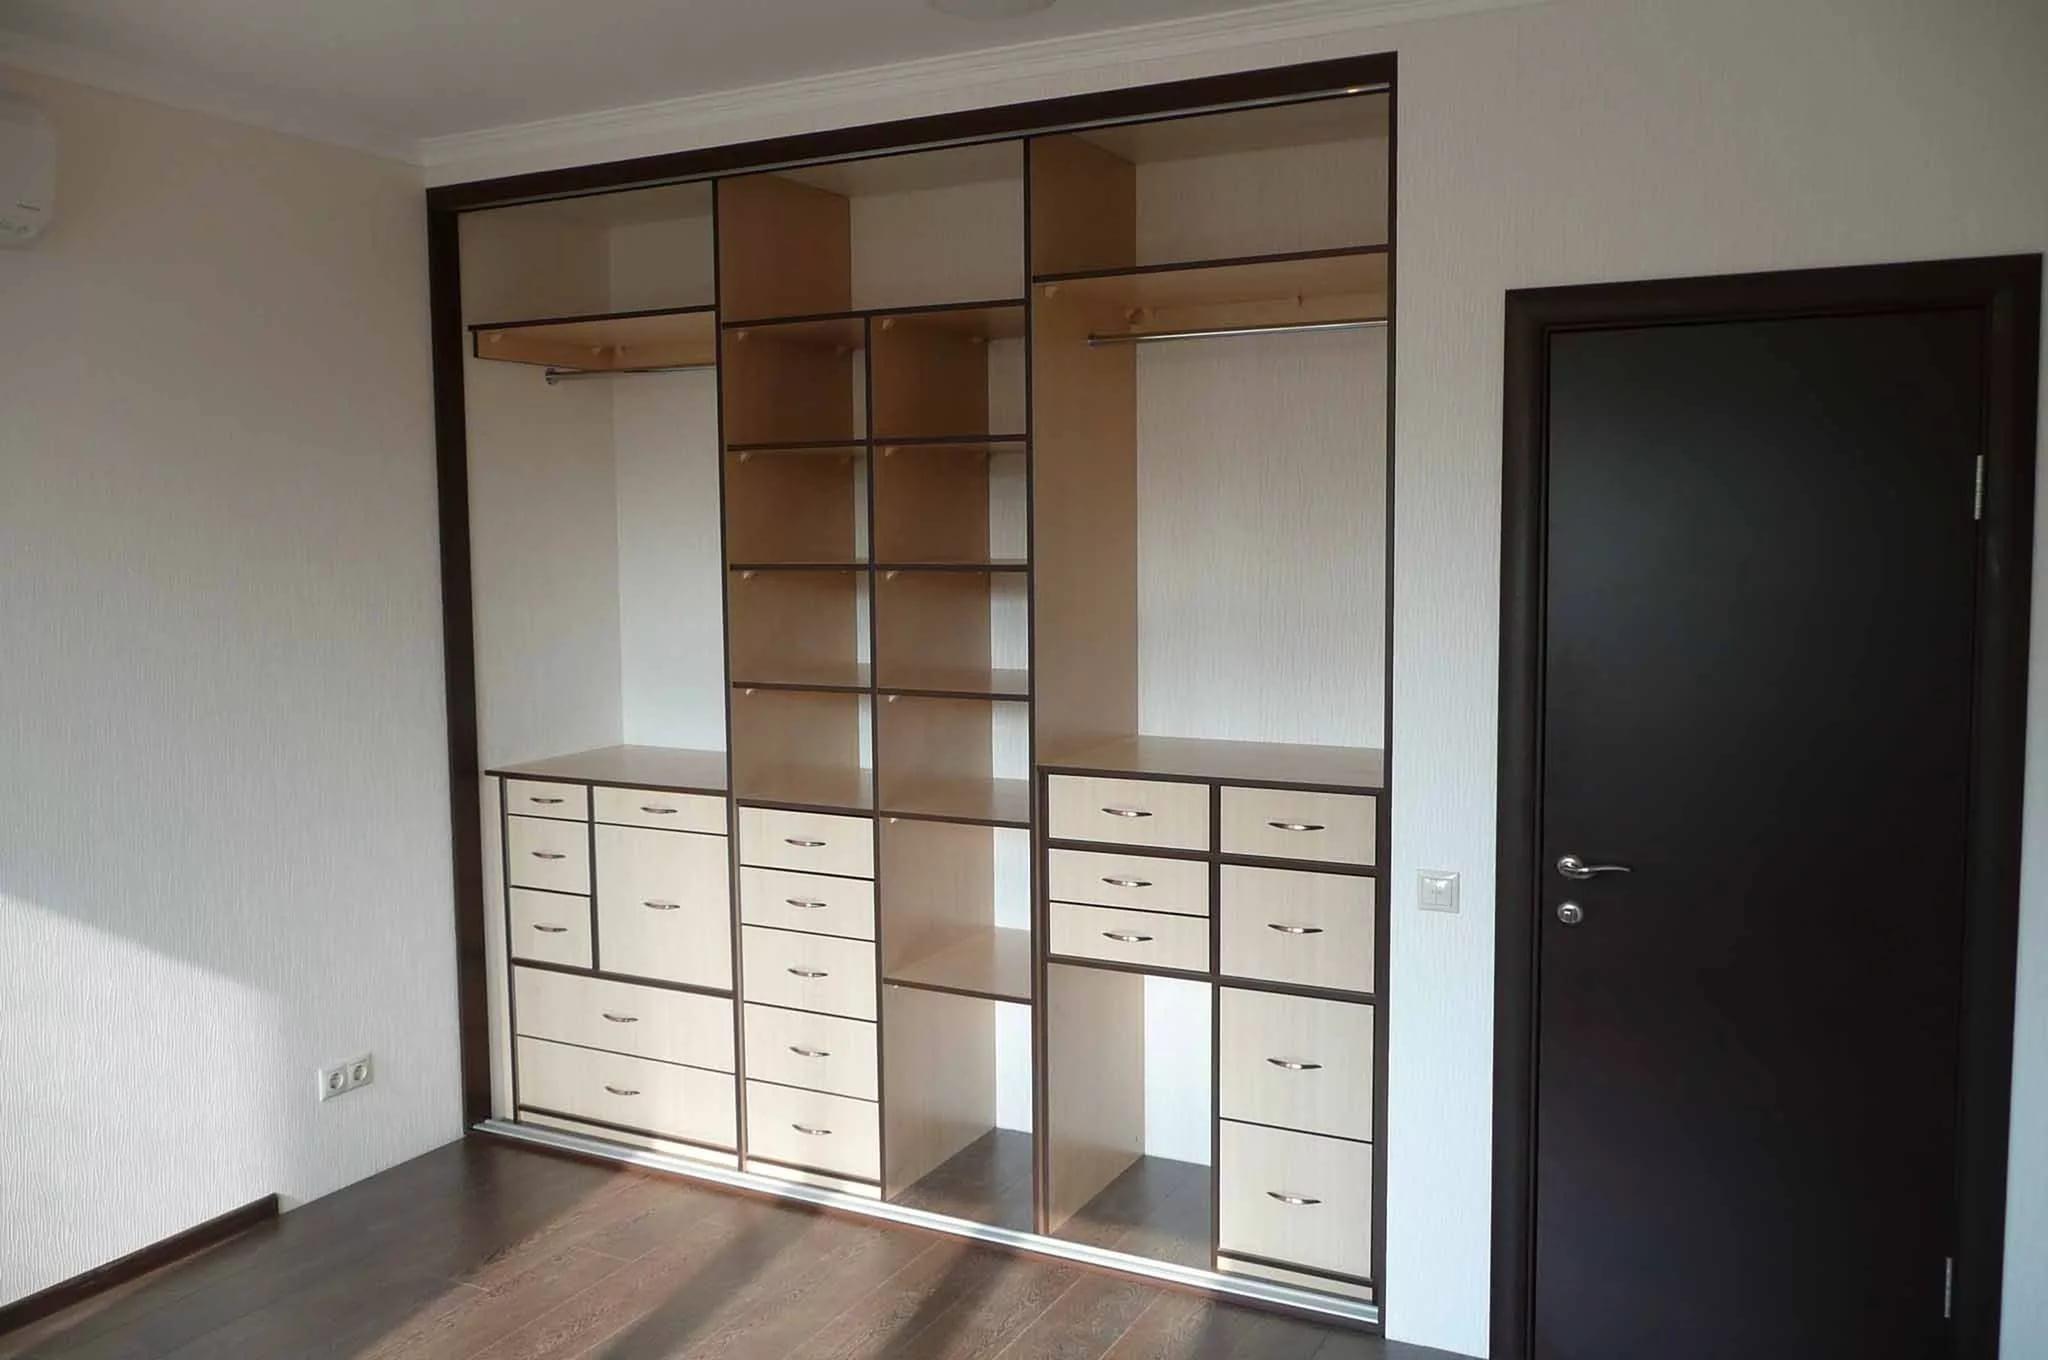 пост носил встроенные шкафы в стене фото добиться такого результата